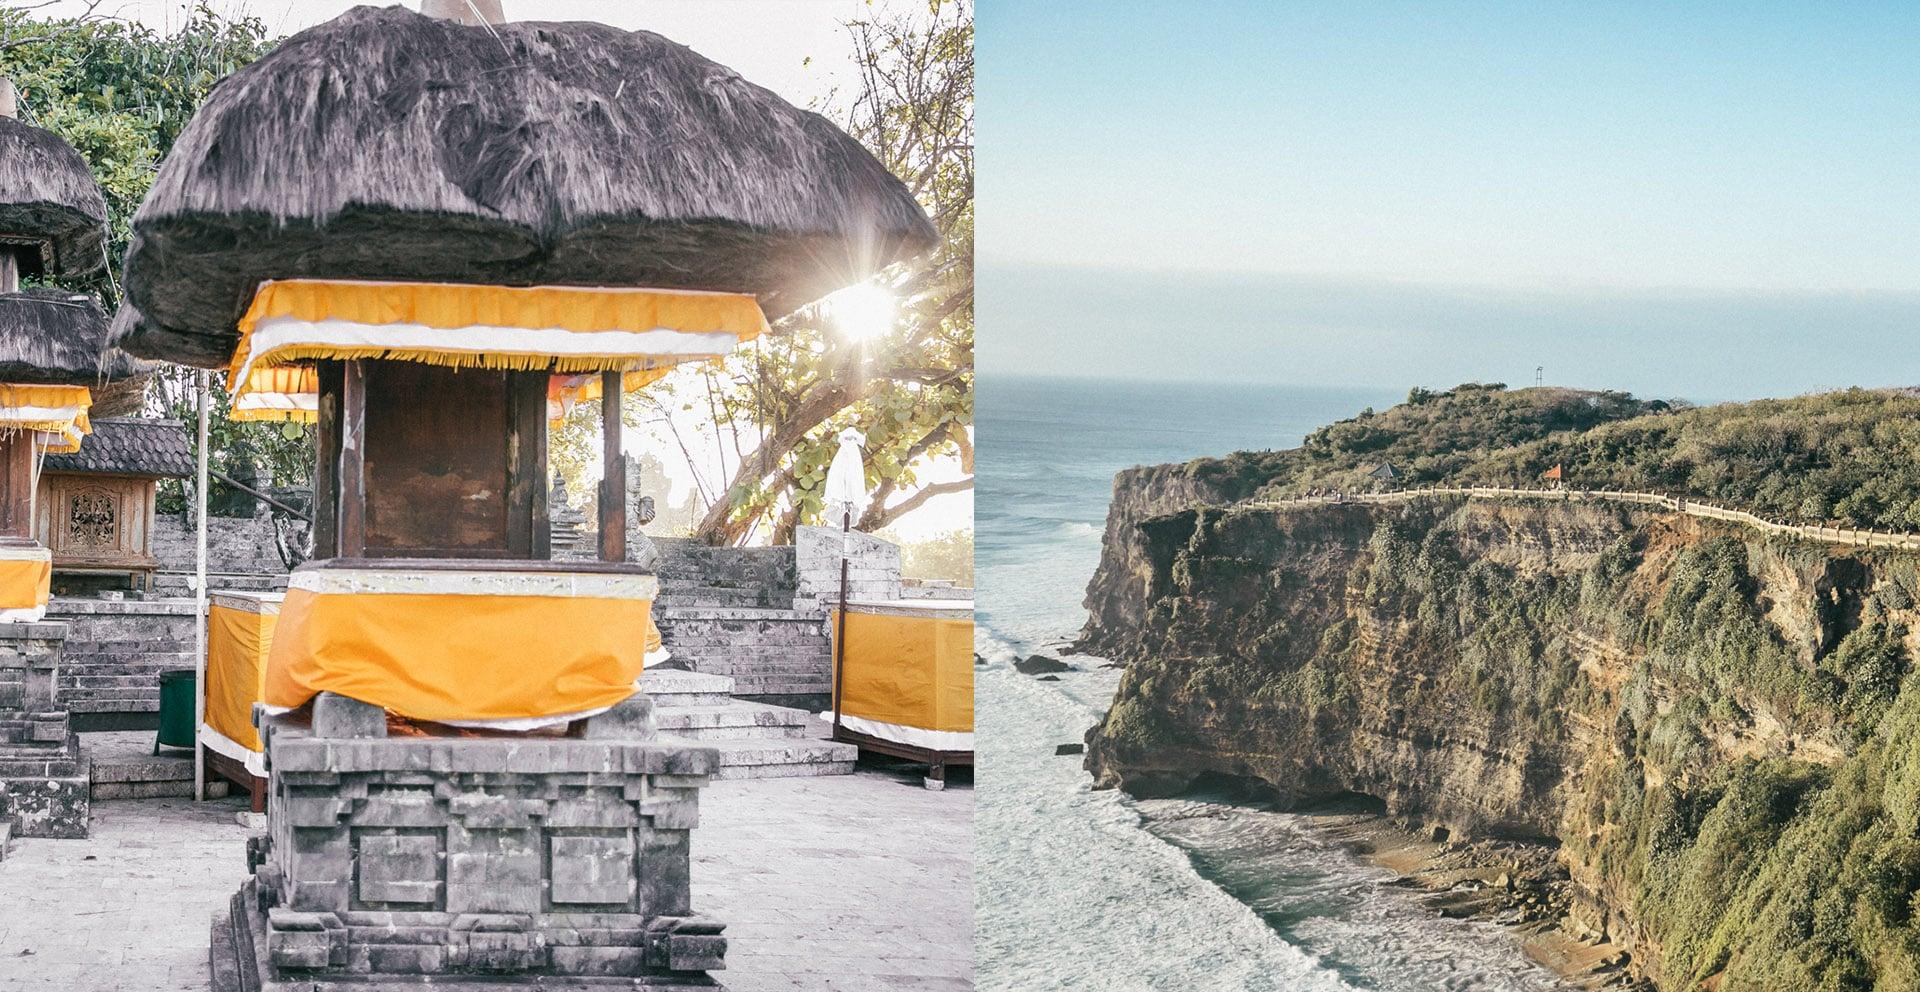 ID5A5614 - Notre top 5 des plus beaux temples à Bali